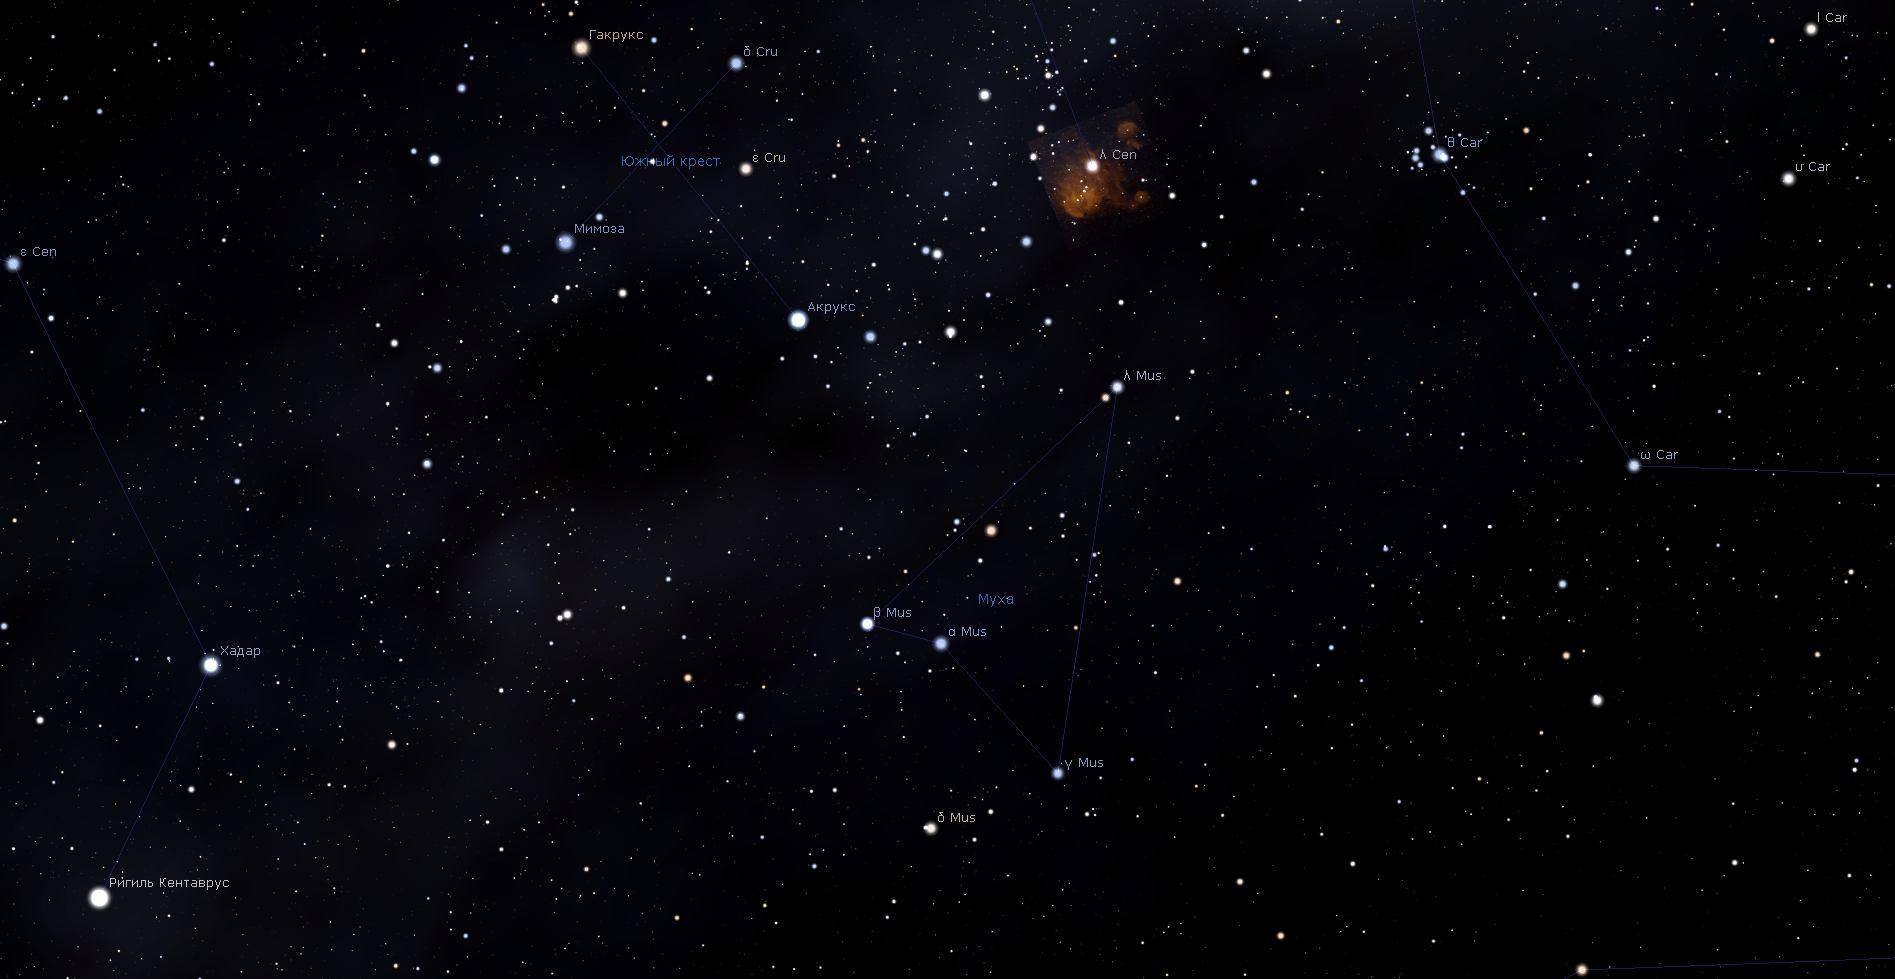 Созвездие Муха, вид в программу планетарий Stellarium